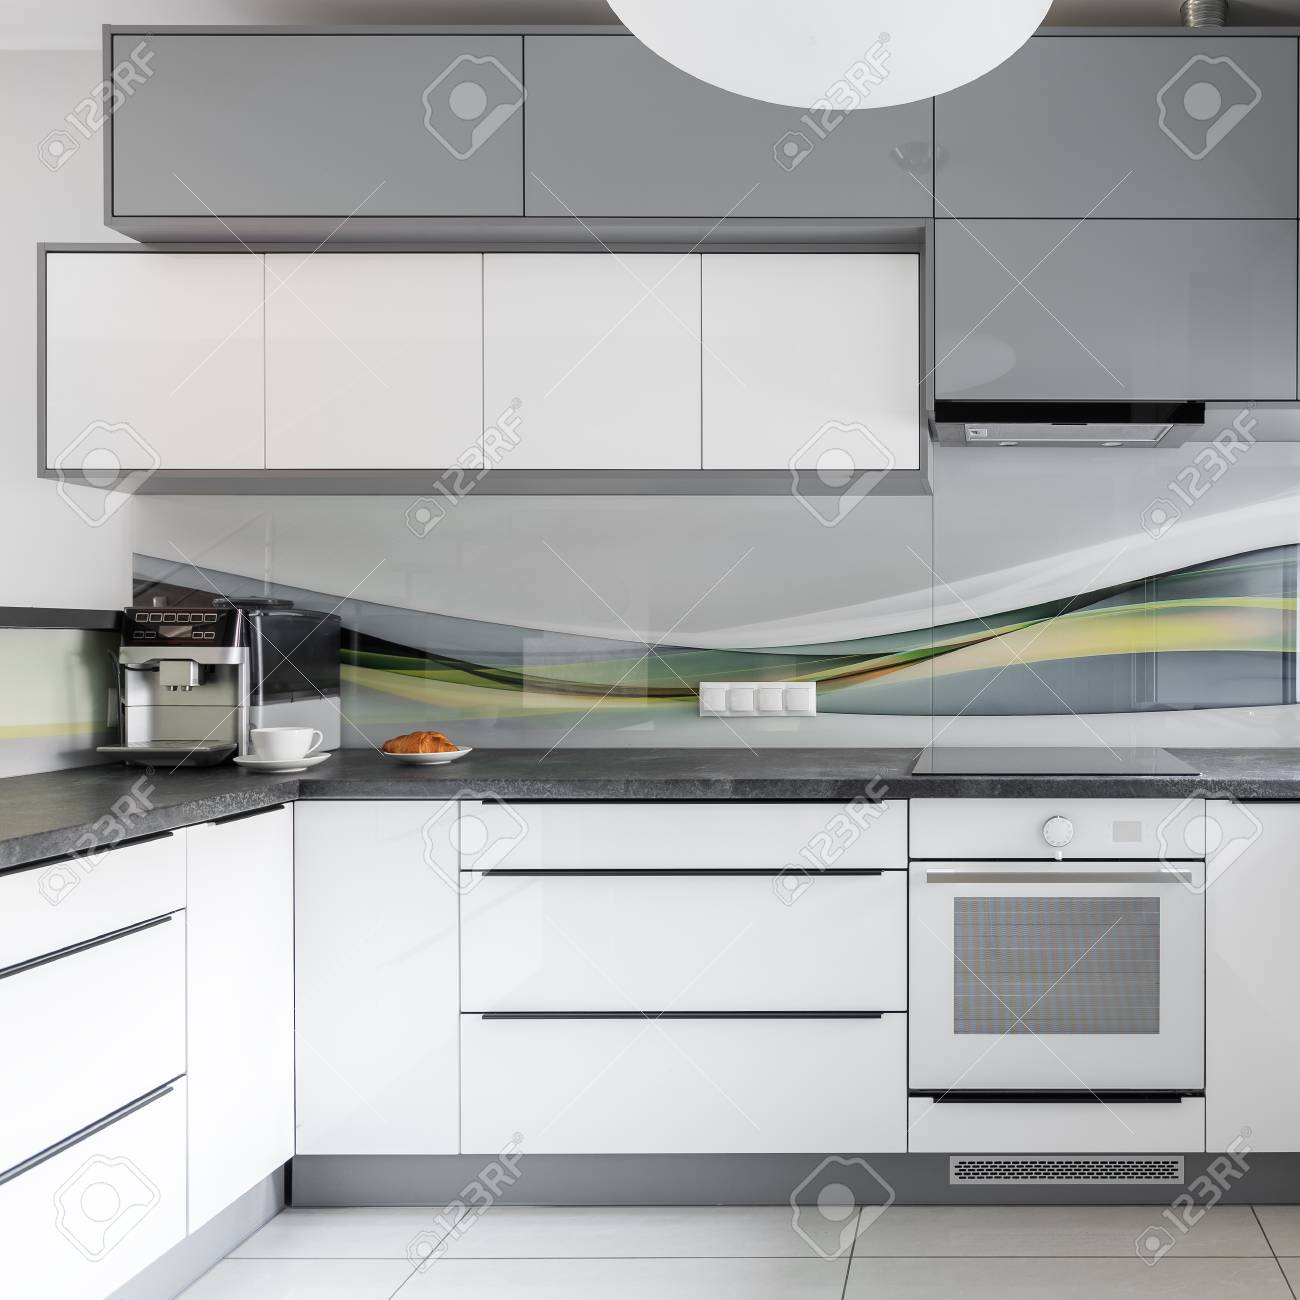 Cocina Moderna Y Luminosa Con Muebles Blancos Y Grises Fotos ...